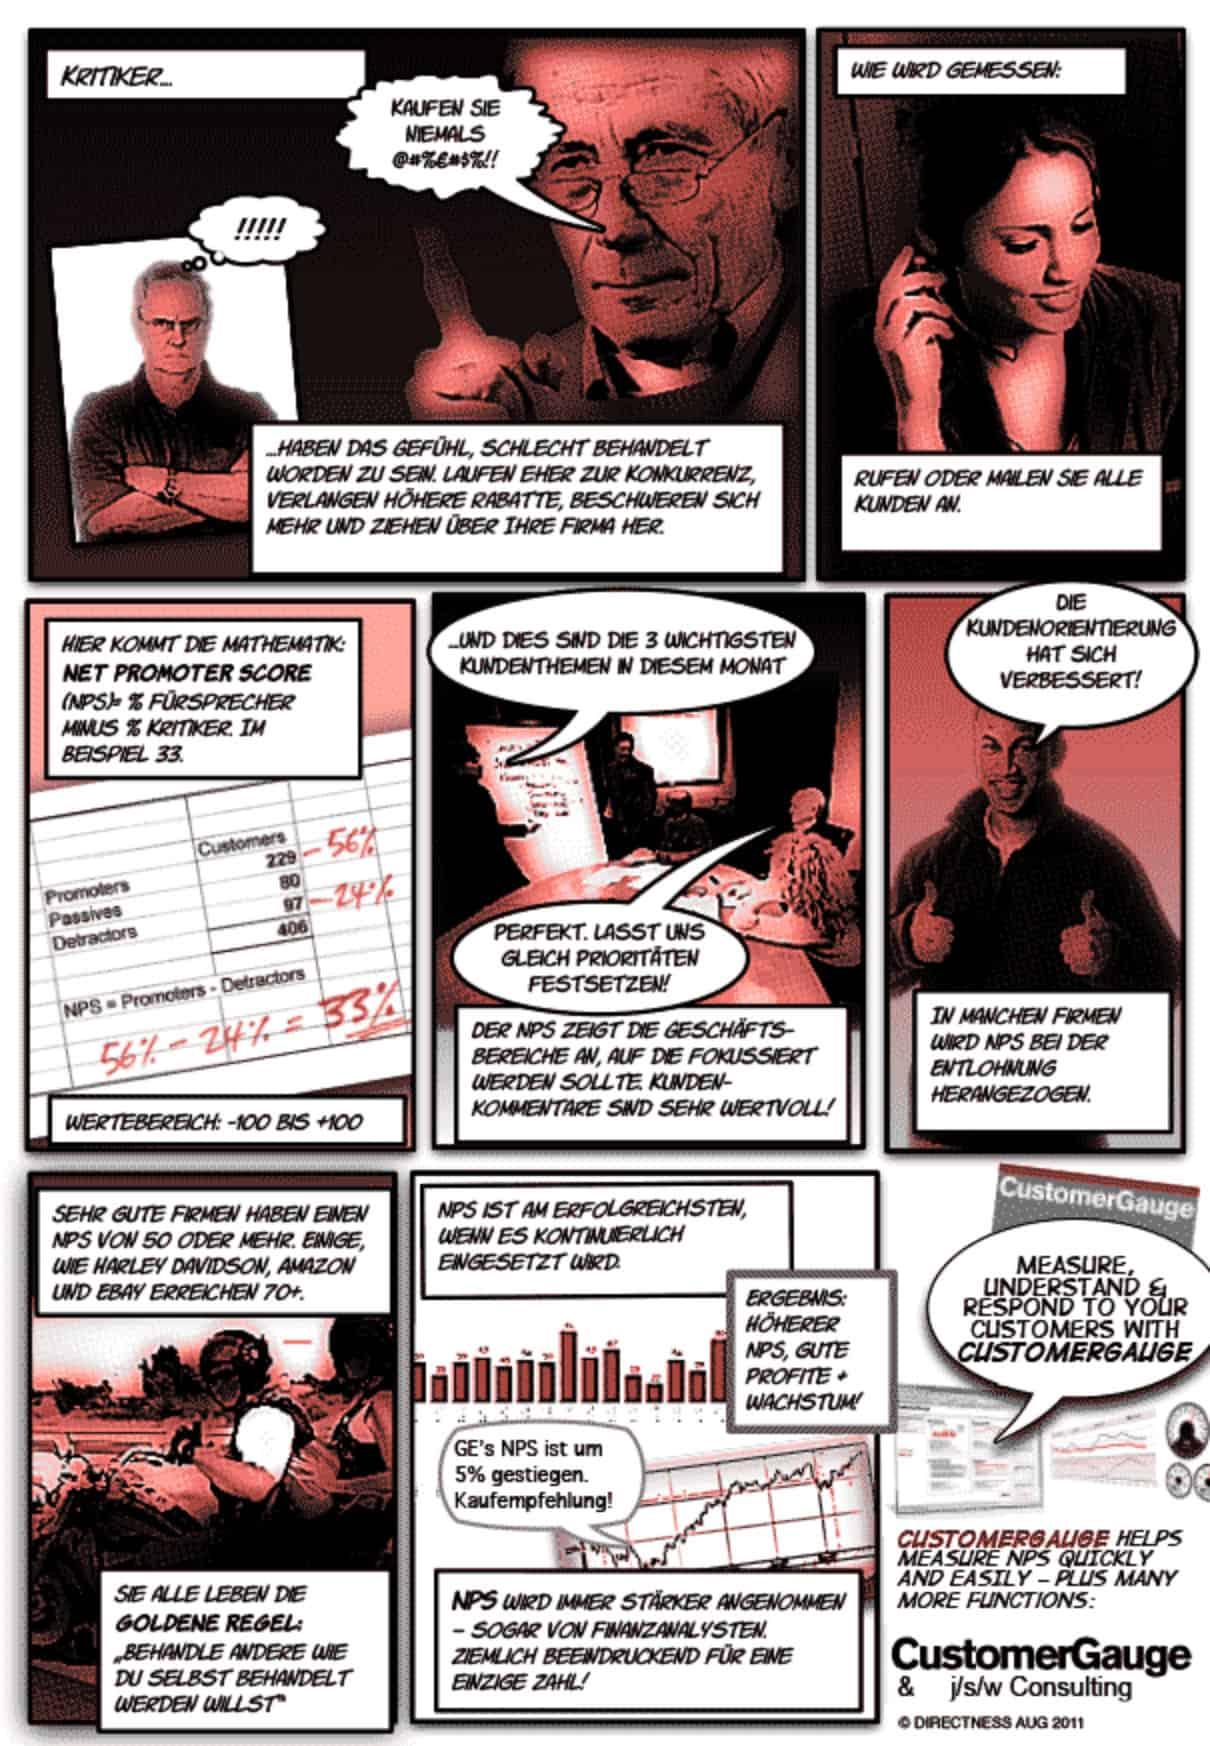 NPS als Comic